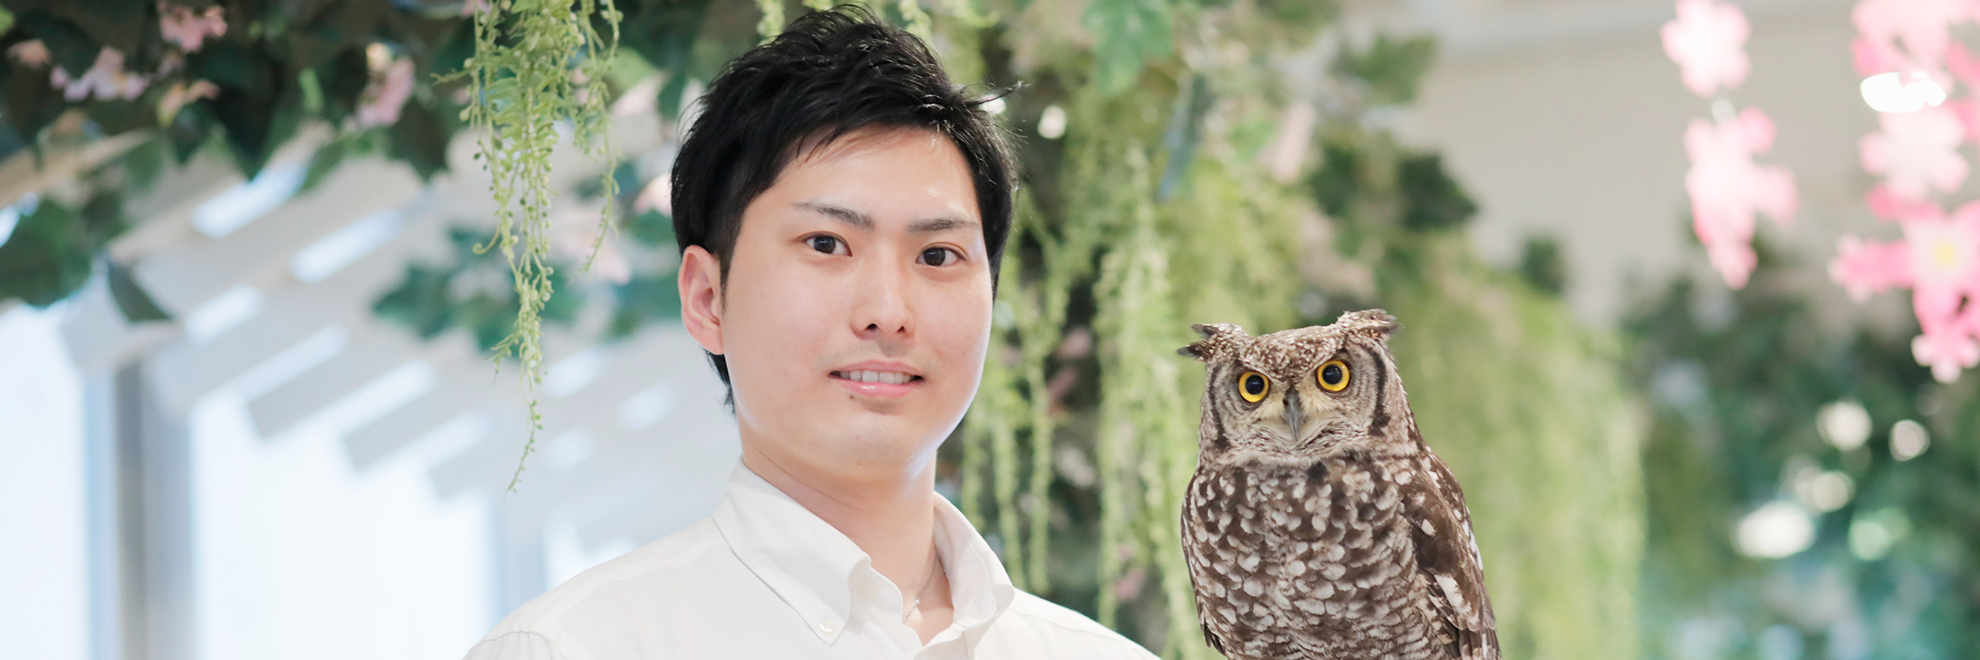 サービスの導入事例 フクロウのお庭 owl's garden様